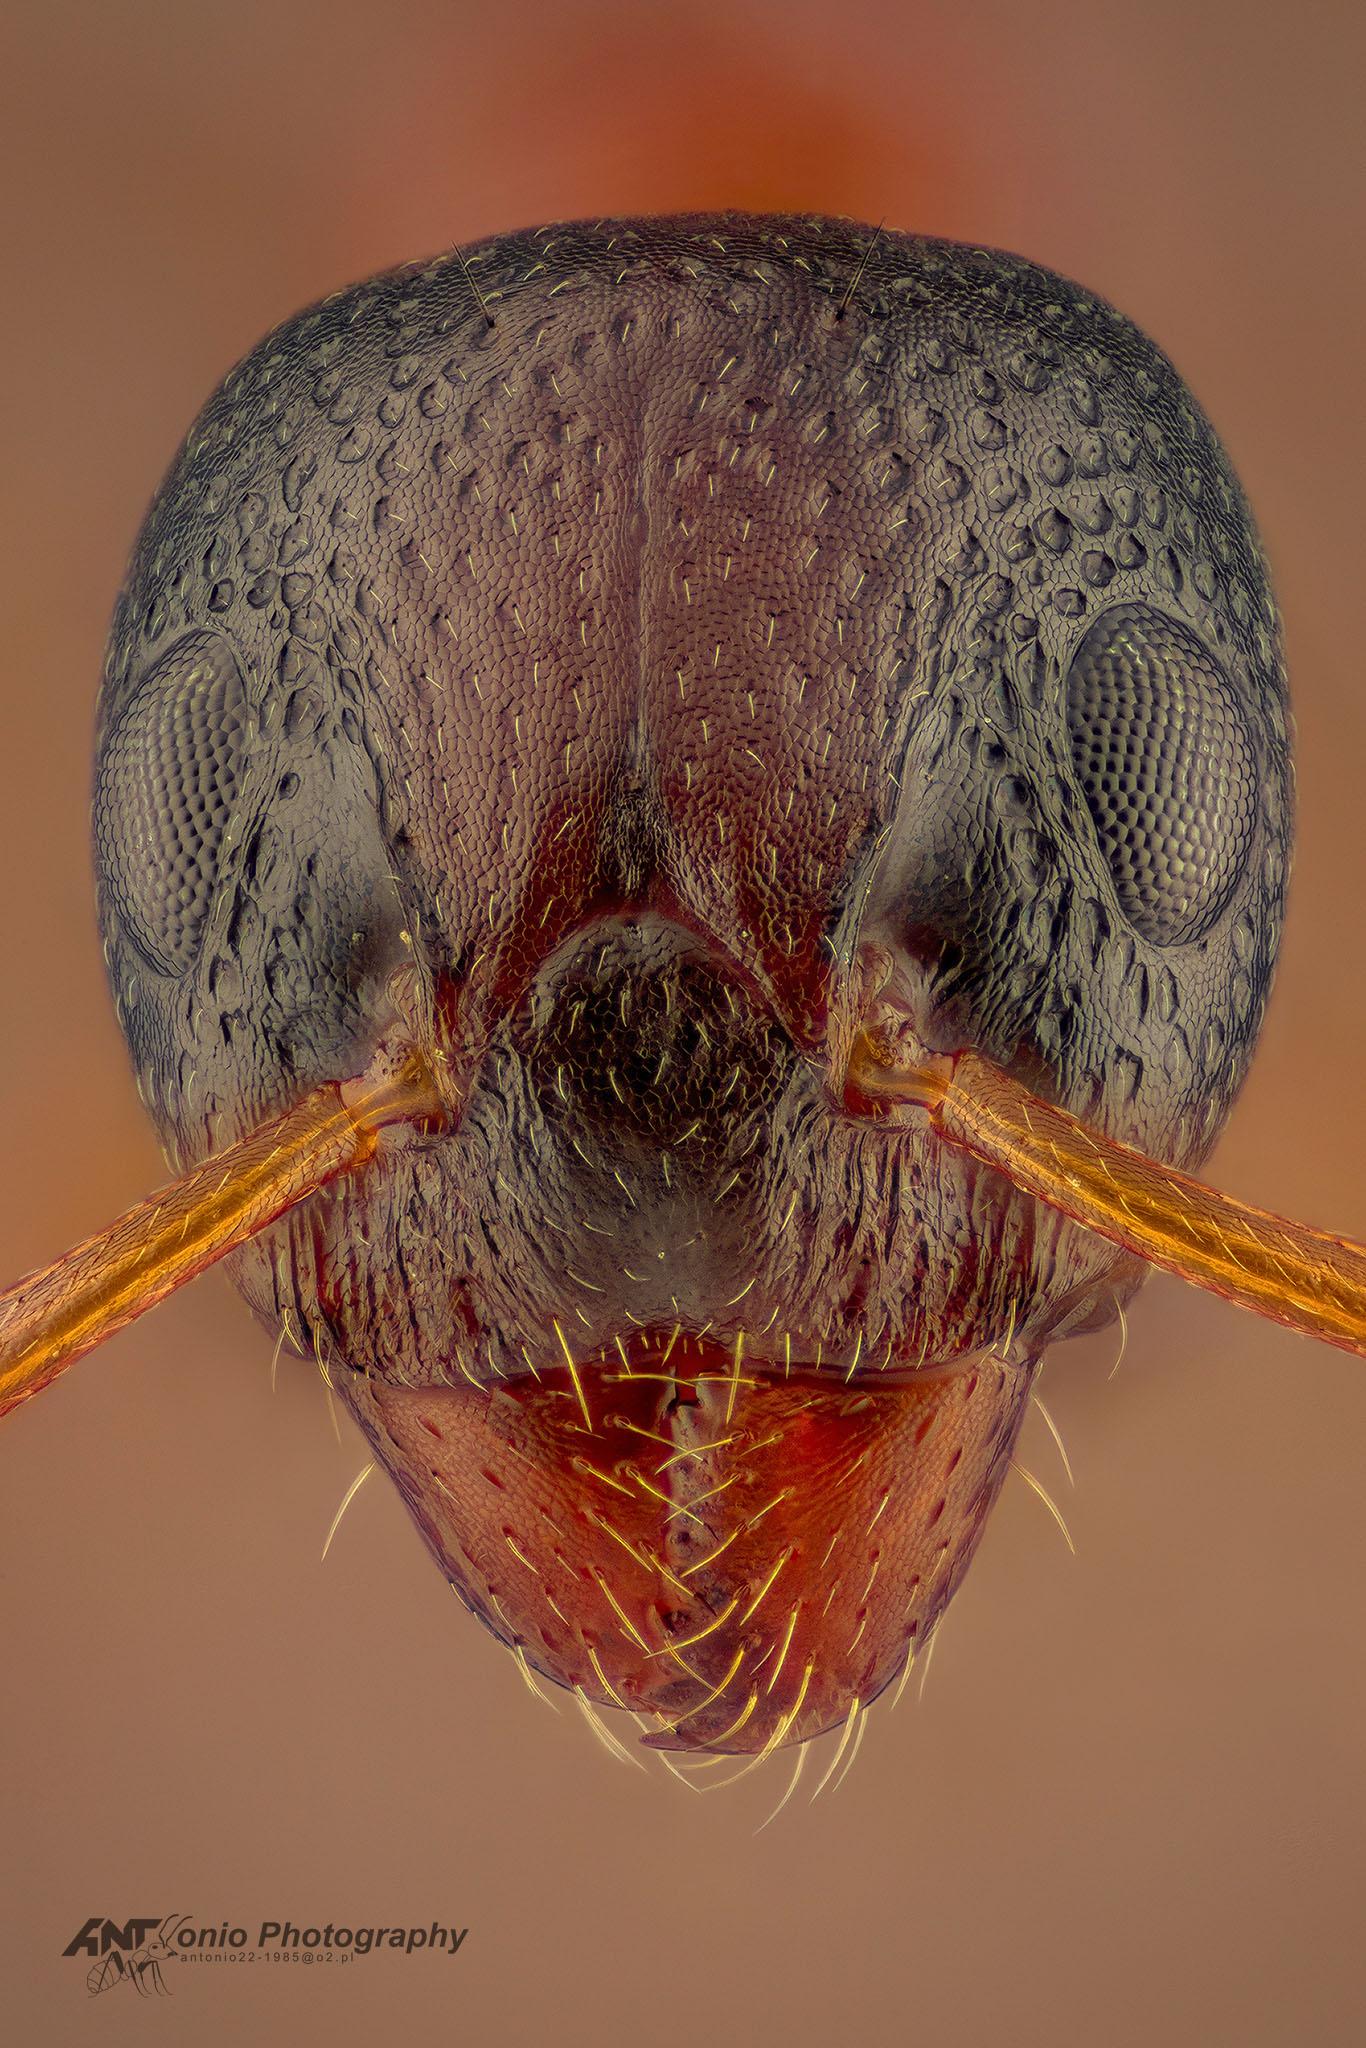 Ant Dolichoderus quadripunctatus from Poland